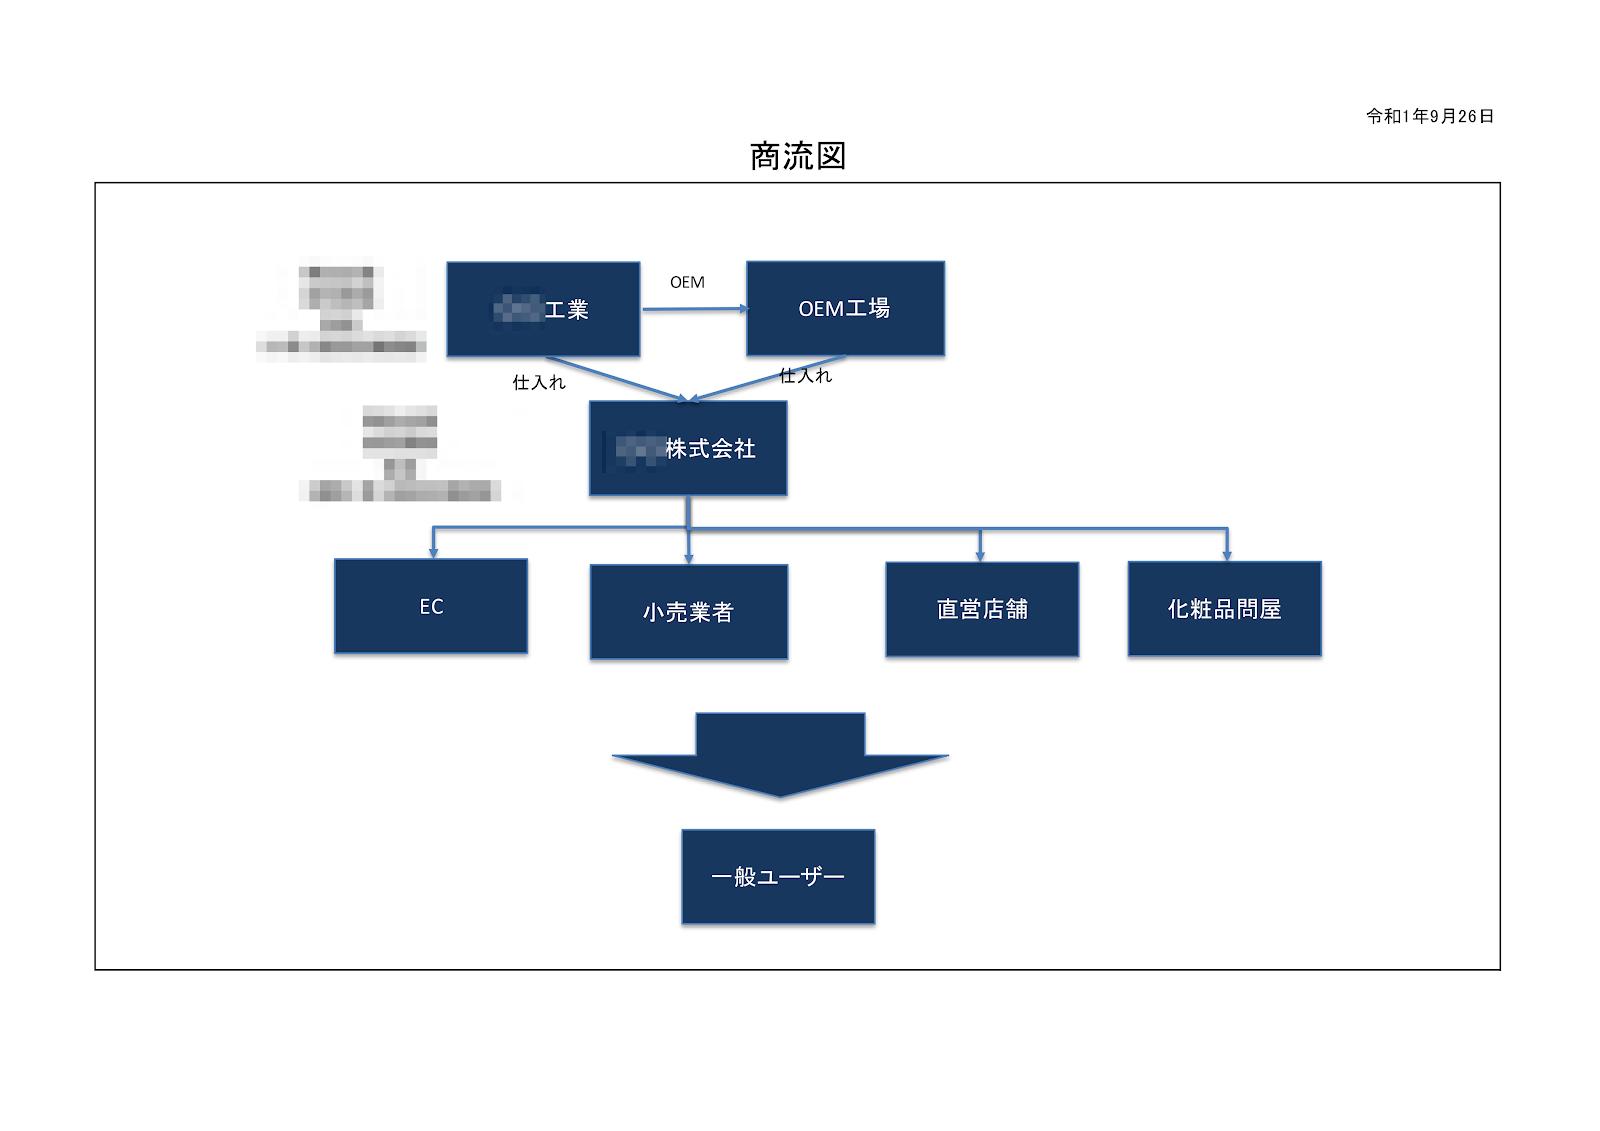 事業計画書ビジネスモデルサンプル図